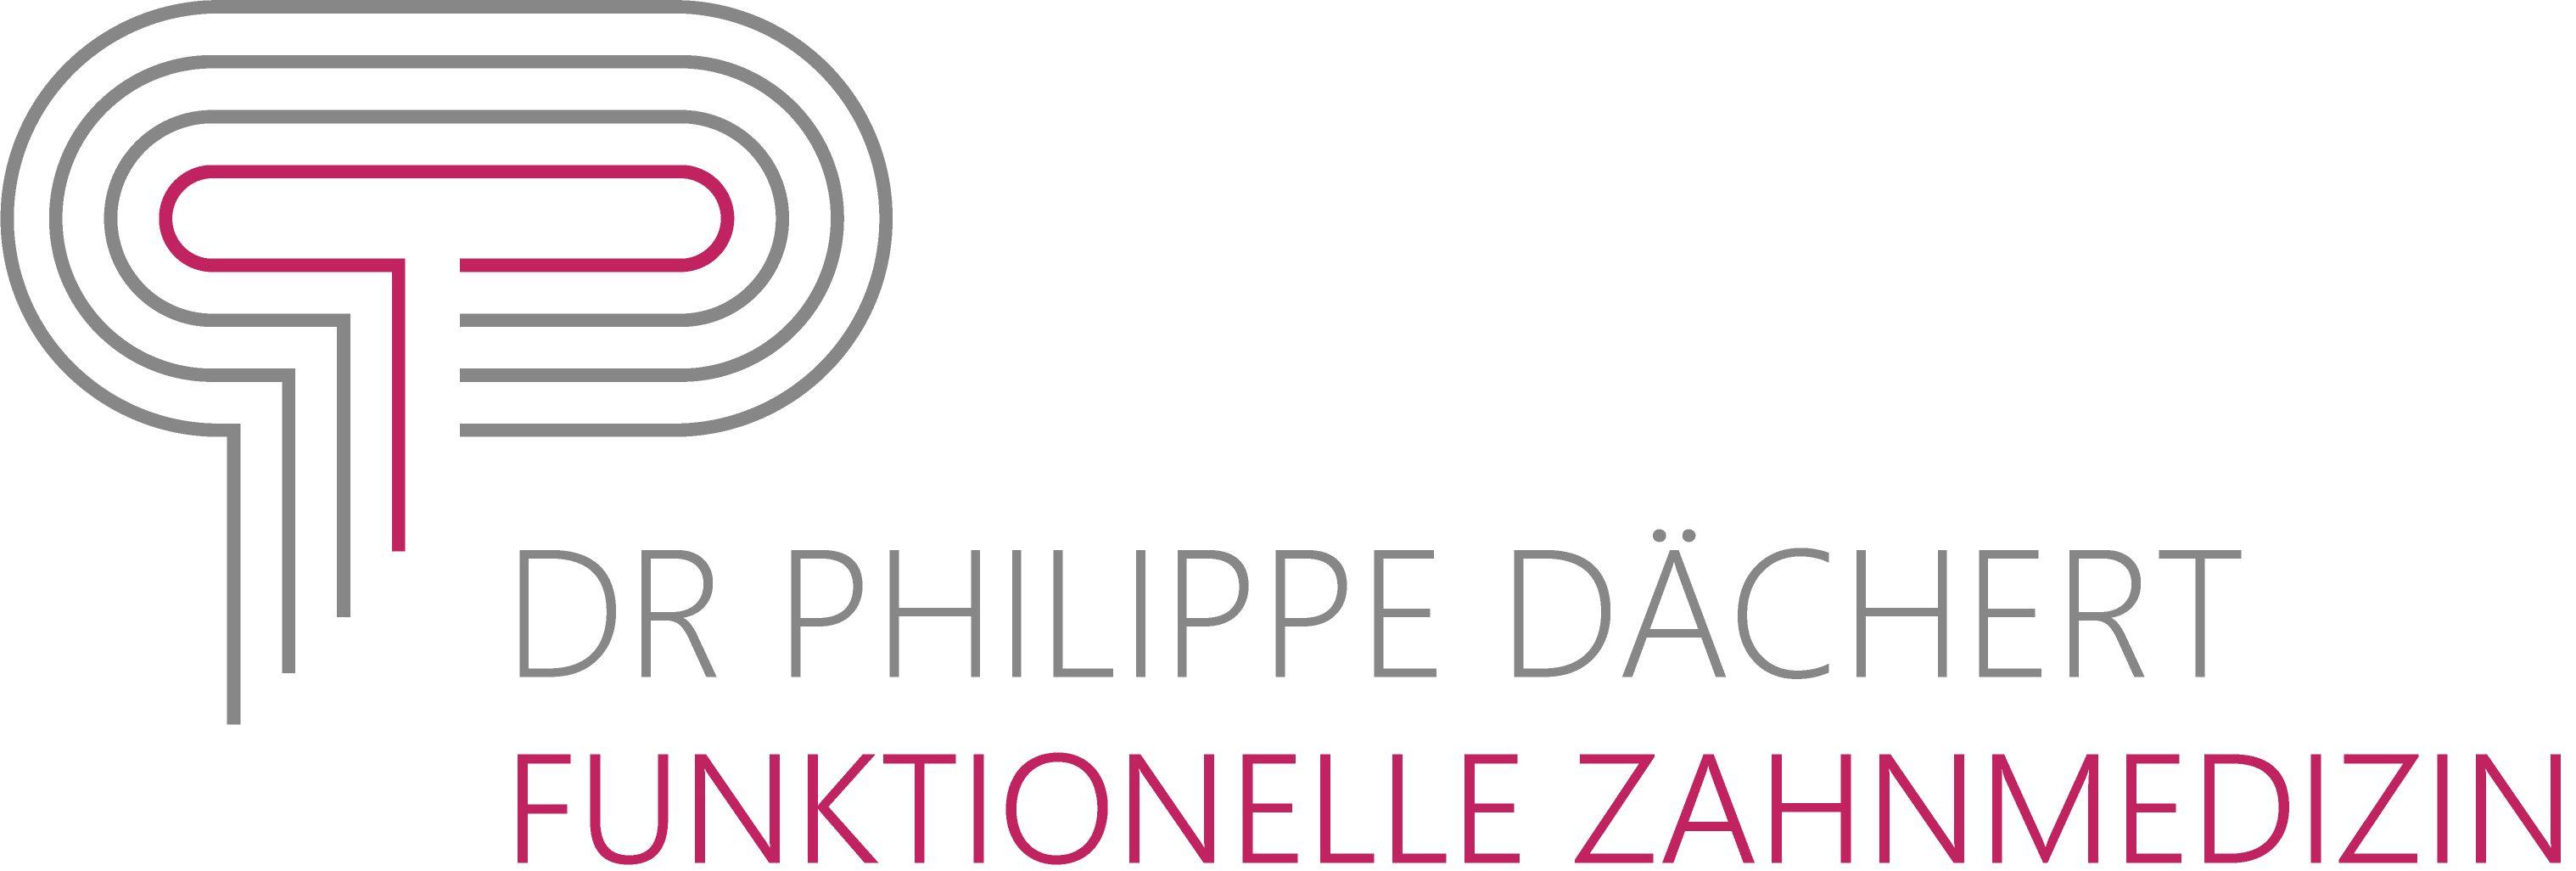 Dr. Philippe Dächert